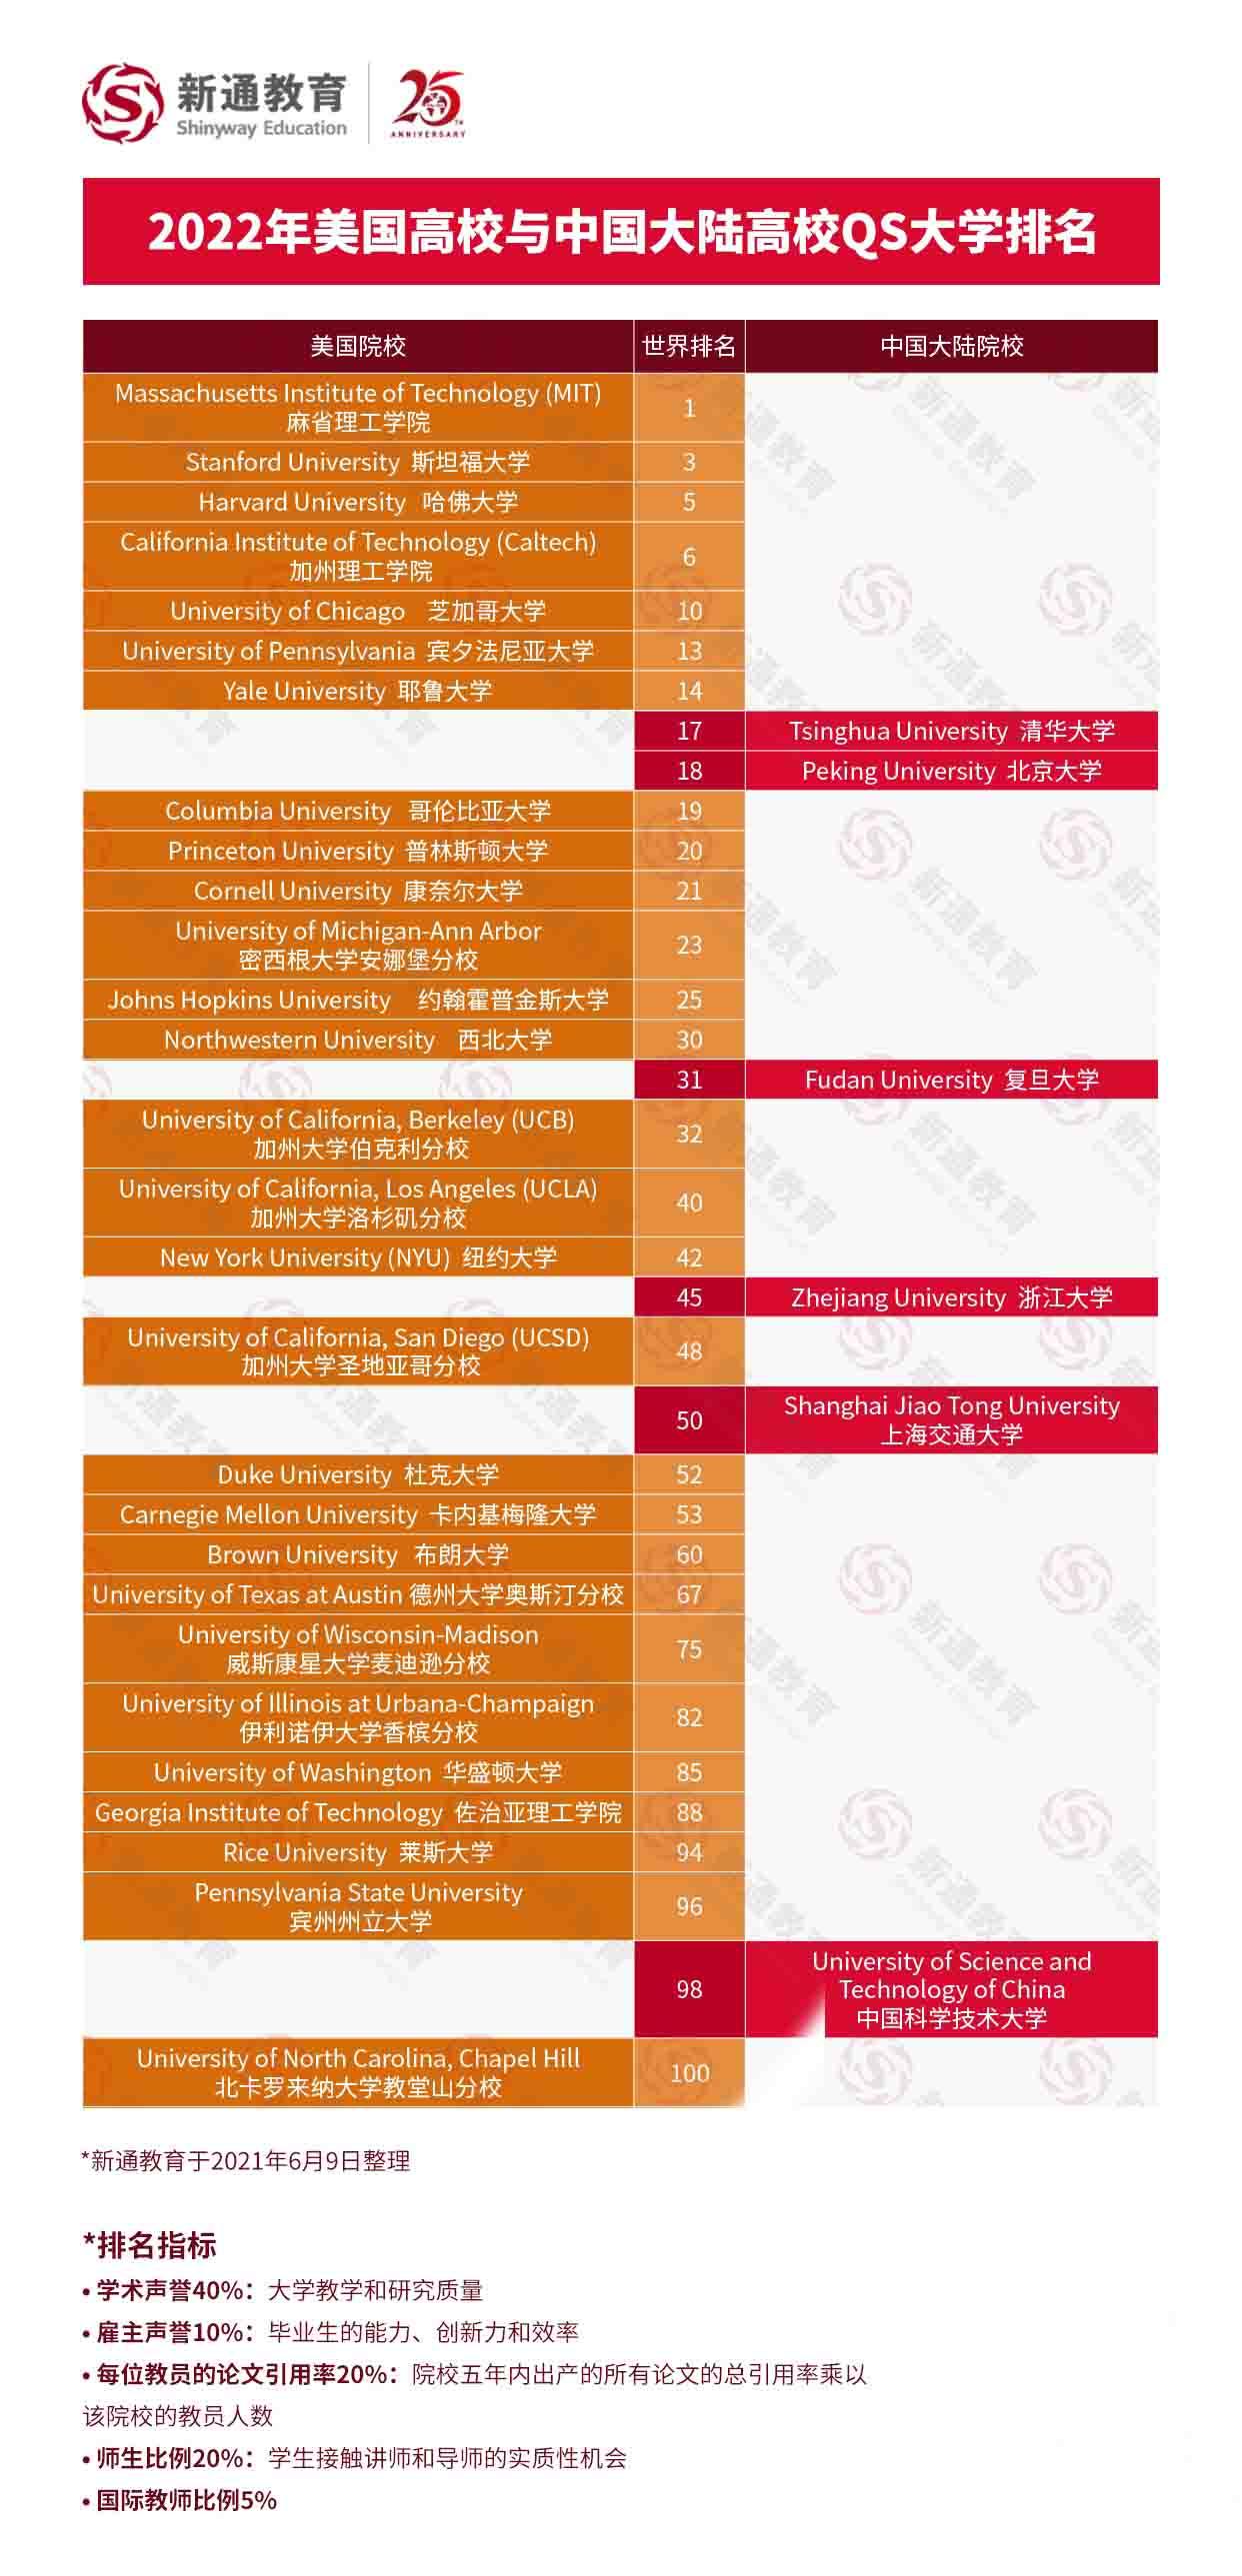 2022QS世界大学排名解析:中国大陆高校与世界大学排名对比,助力全球志愿填报1